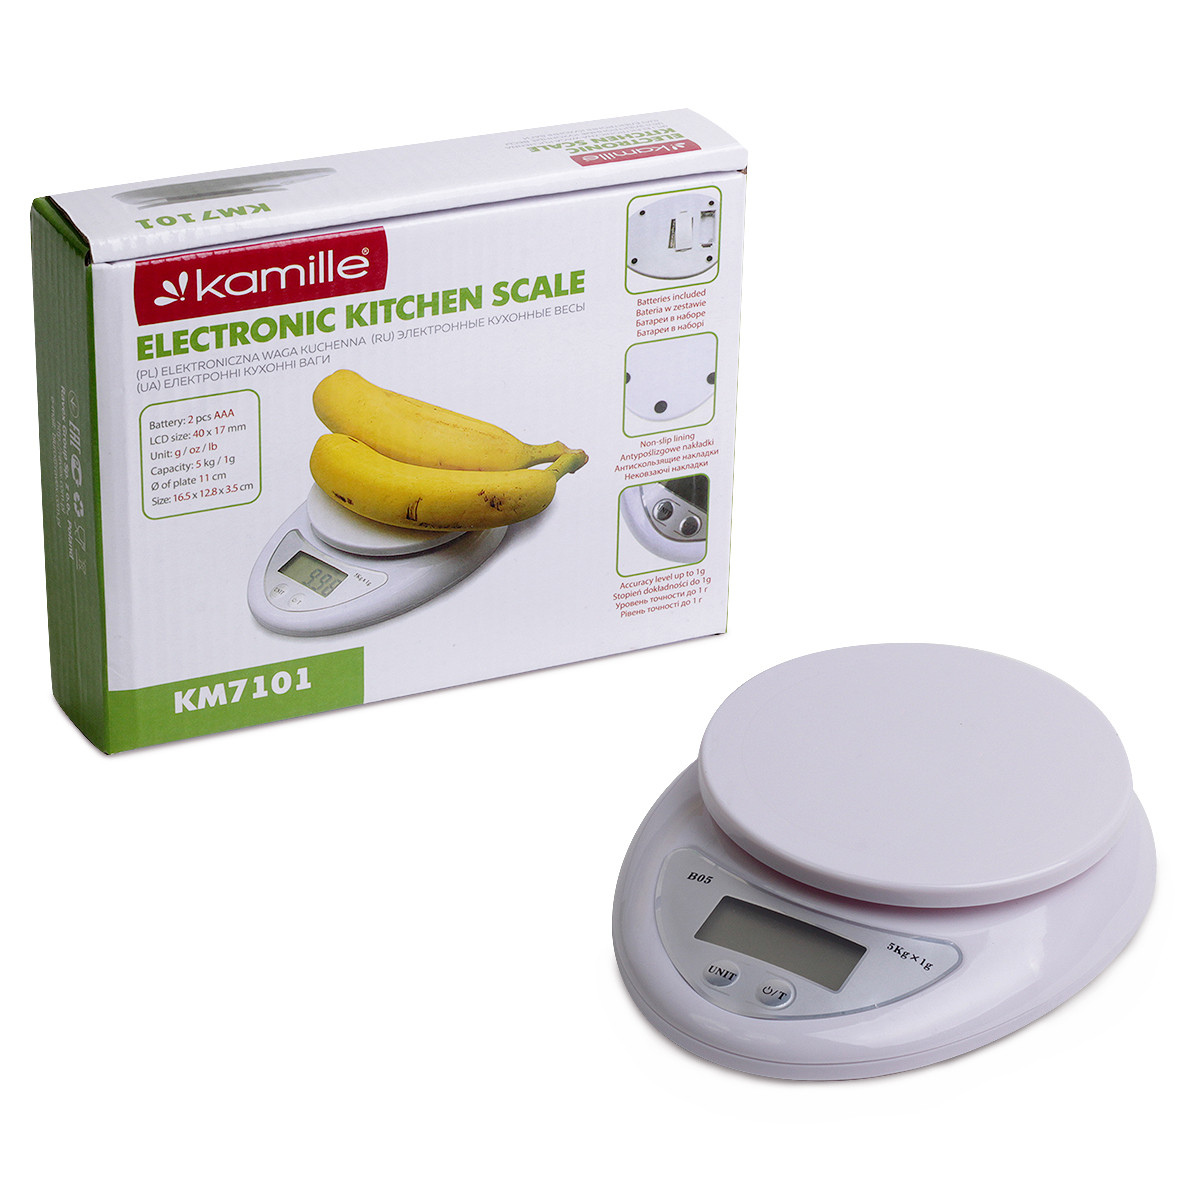 Весы электронные кухонные Kamille 18*15*4см KM-7101